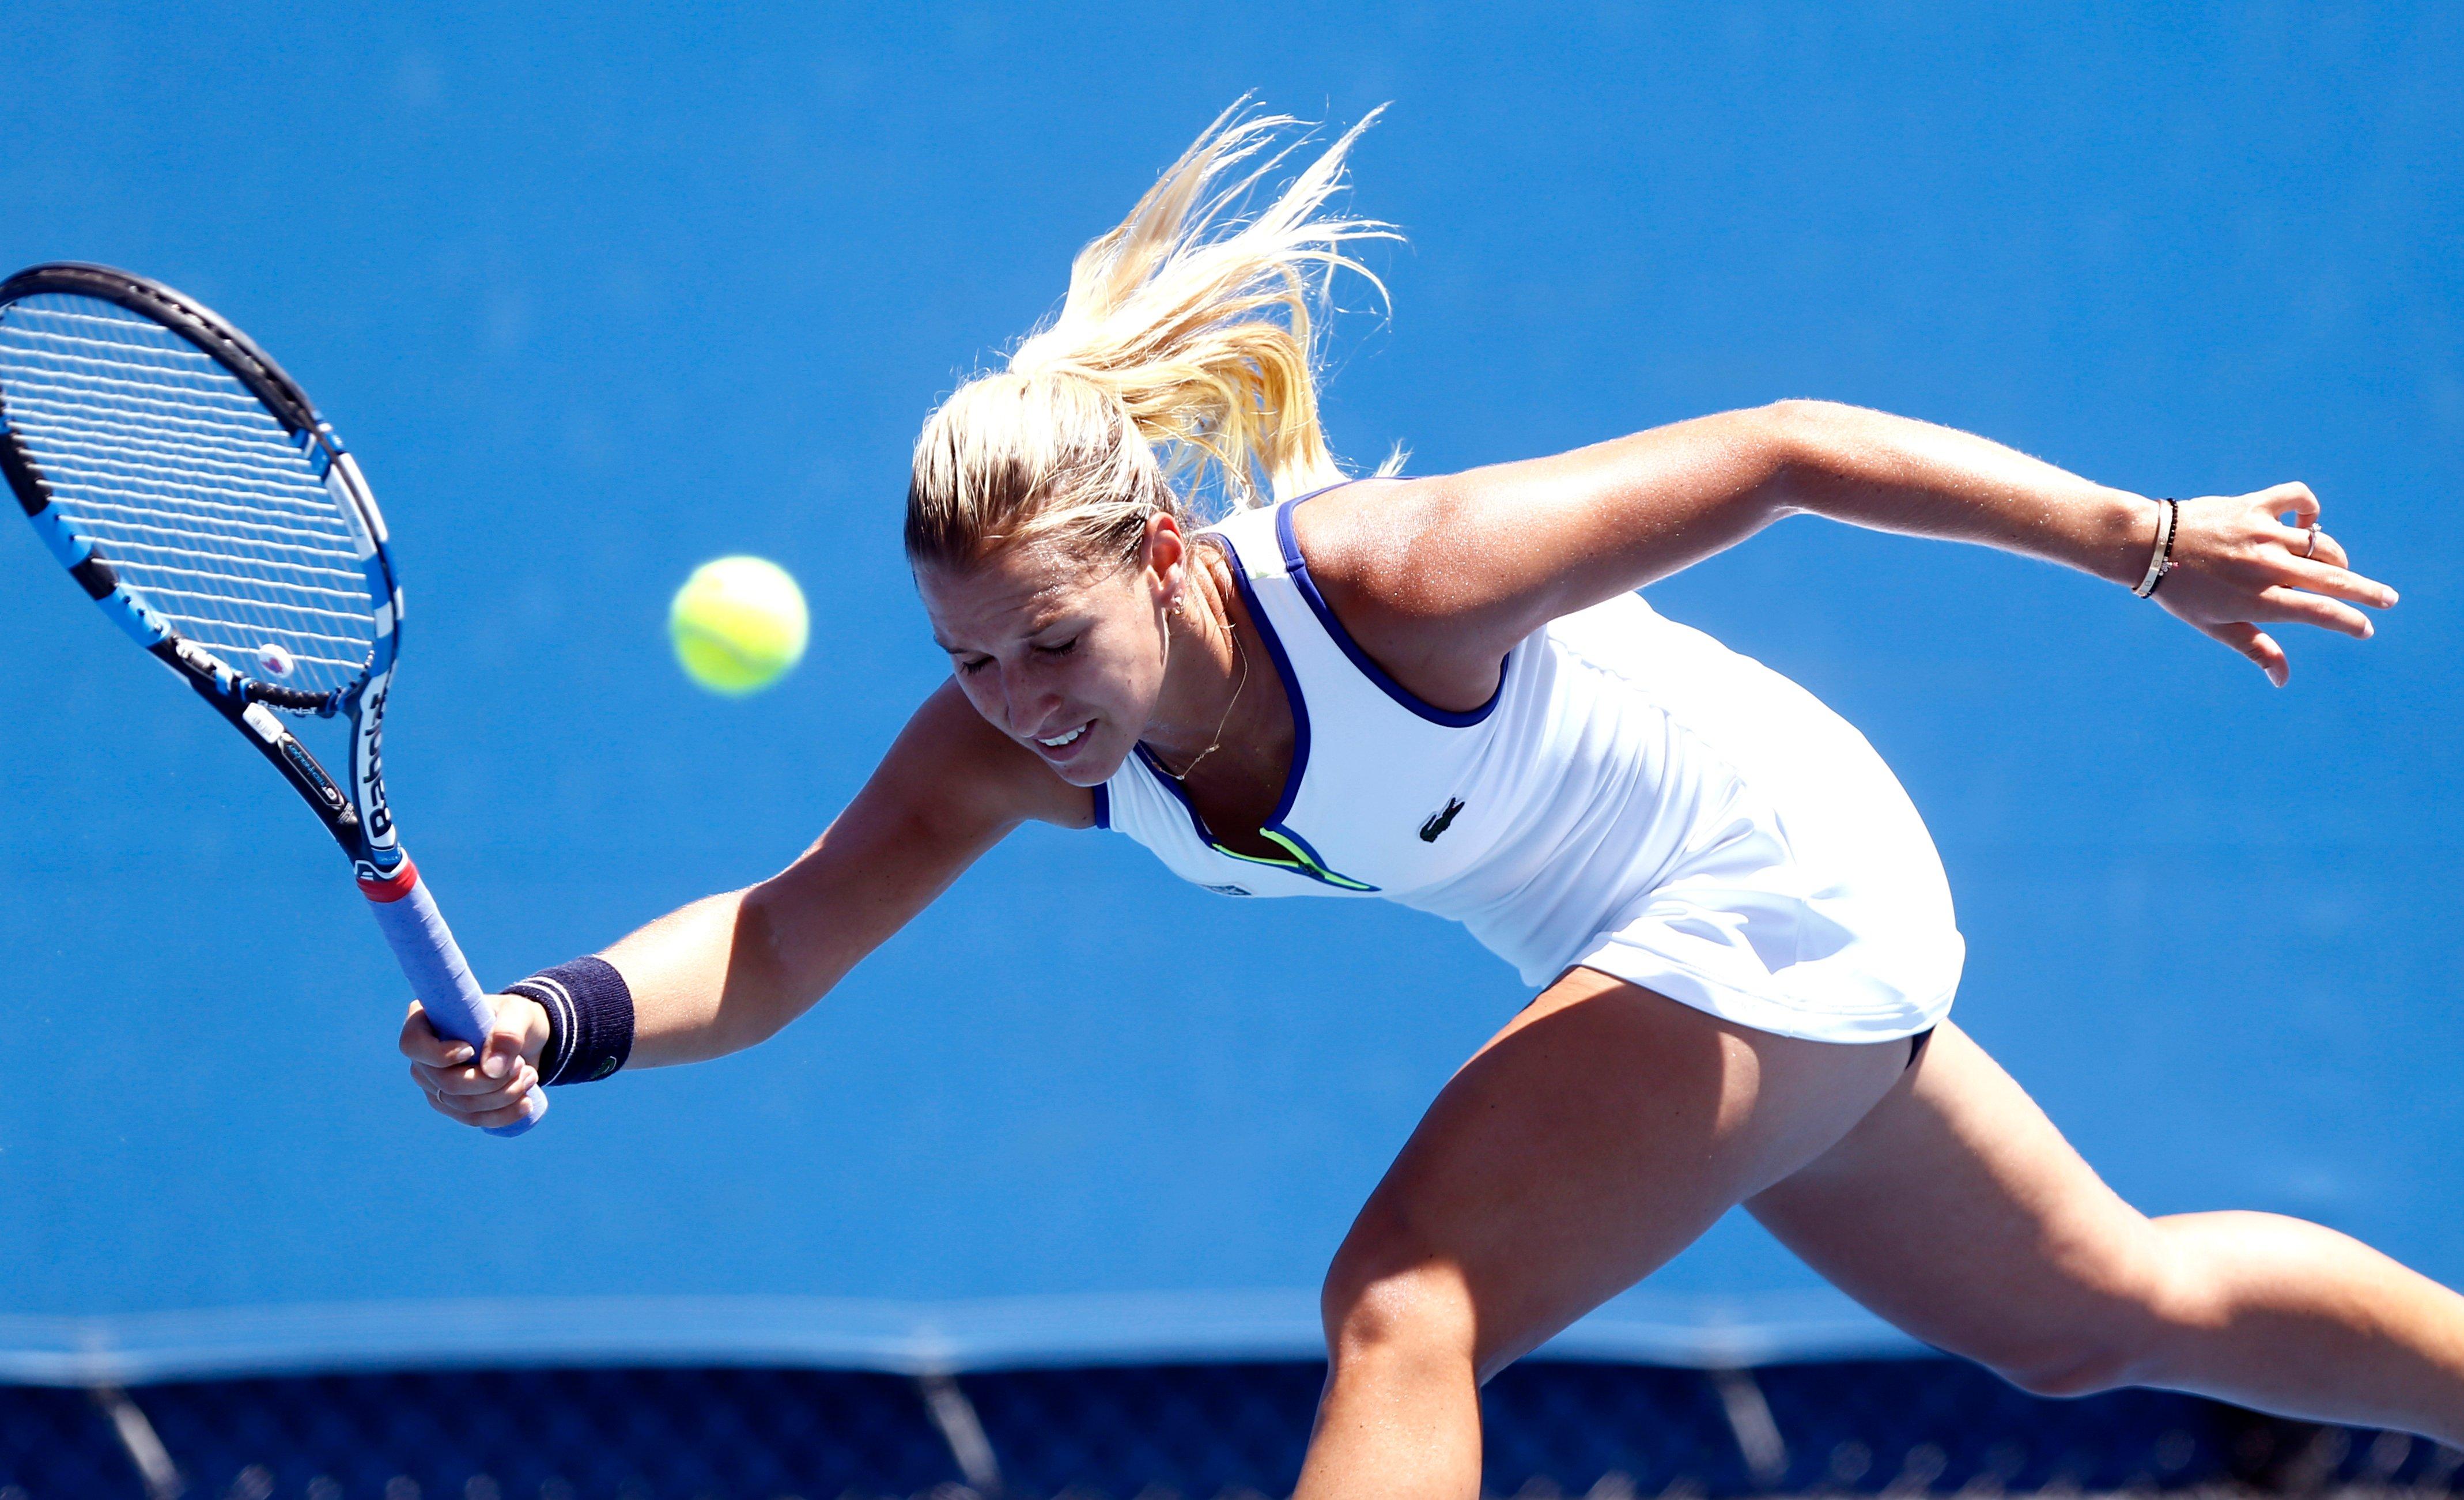 australian_open_tennis-0d65d3f7b93b404d8_r8512.jpeg